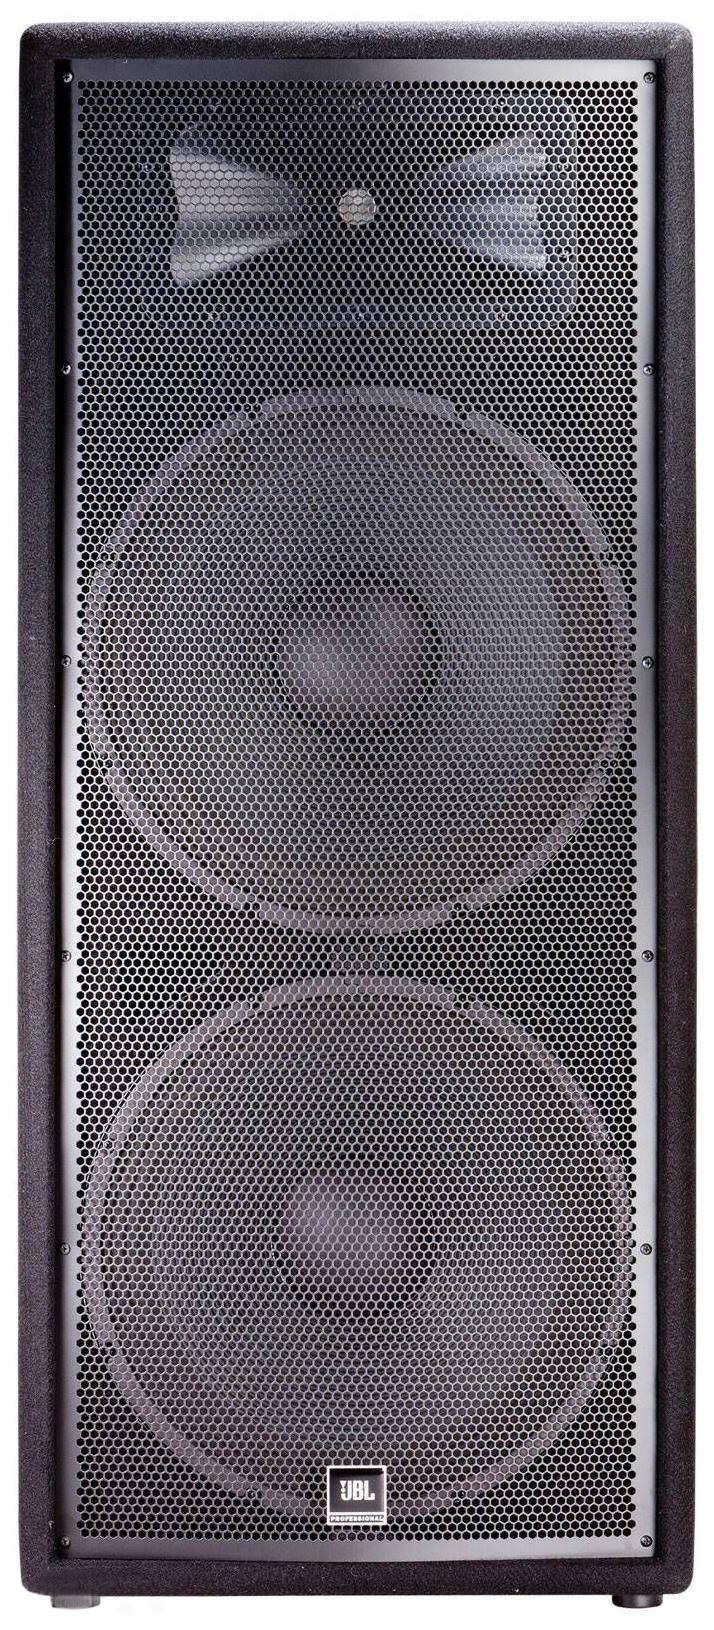 Колонки JBL JRX225 Black